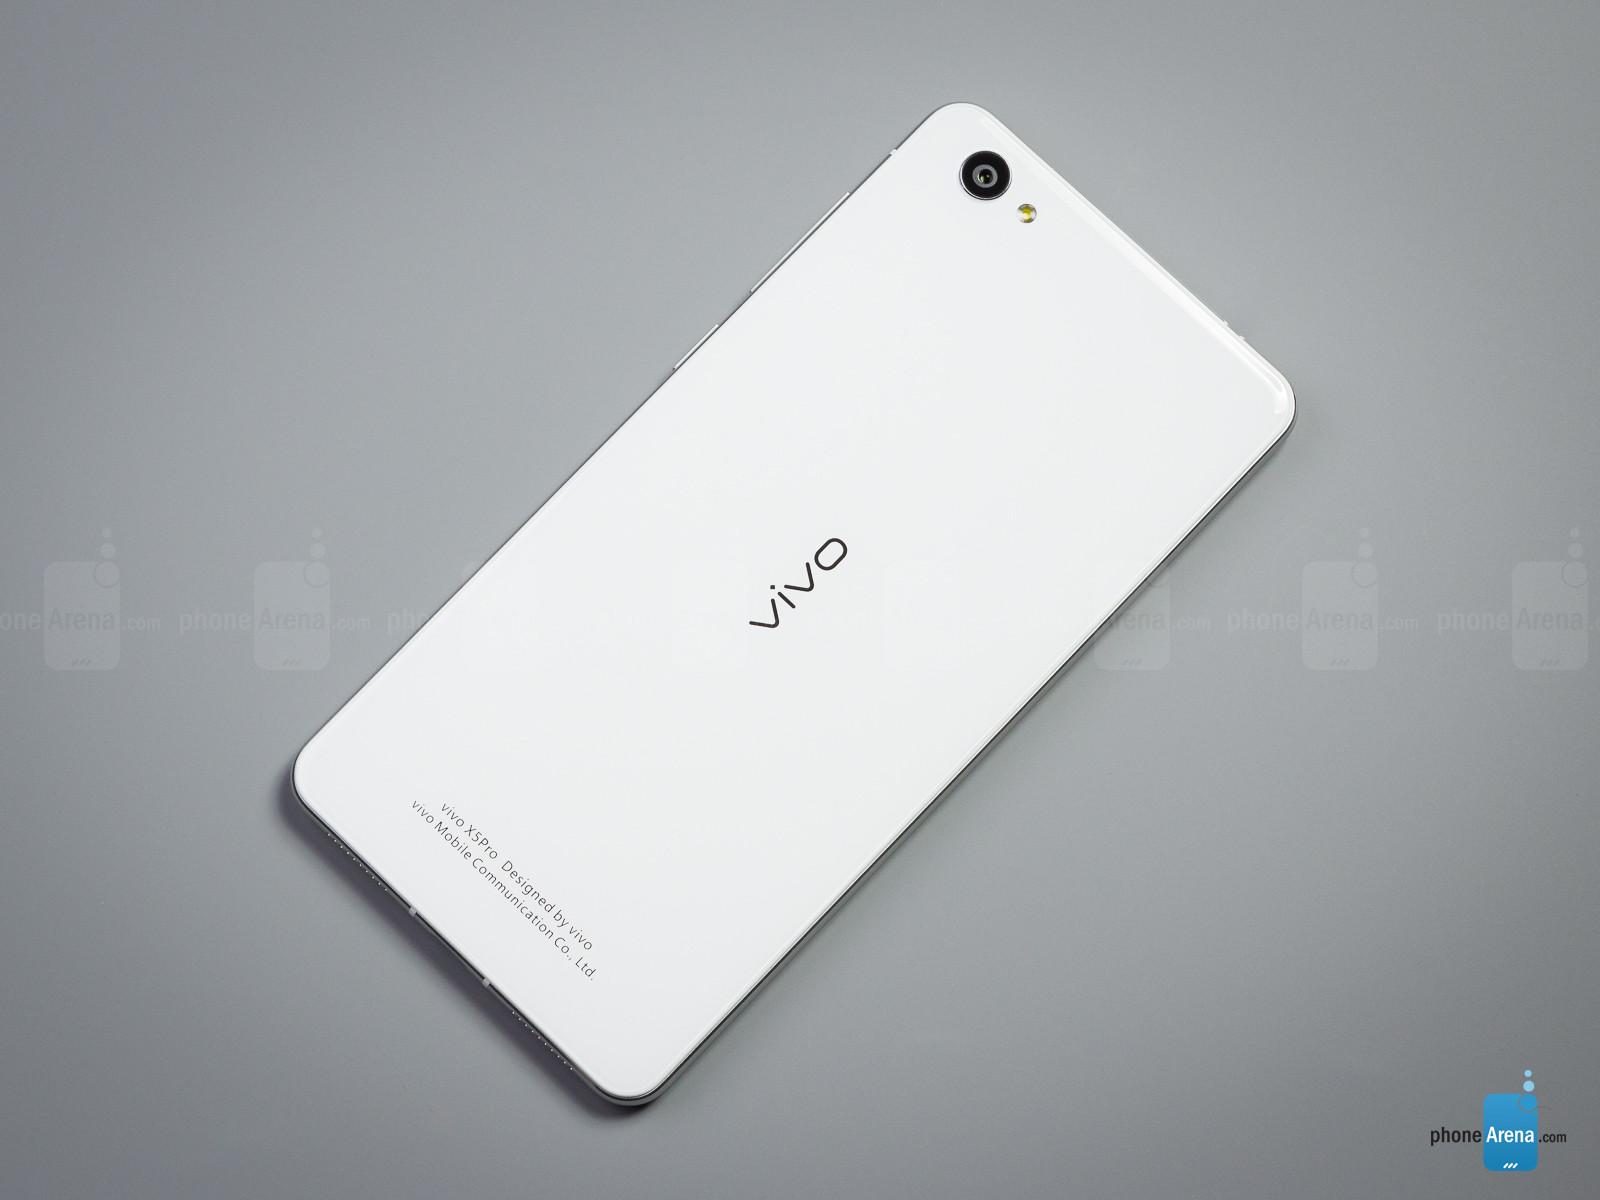 گوشی Vivo X9 و Vivo X9 Plus با دو دوربین ثانویه رصد شد